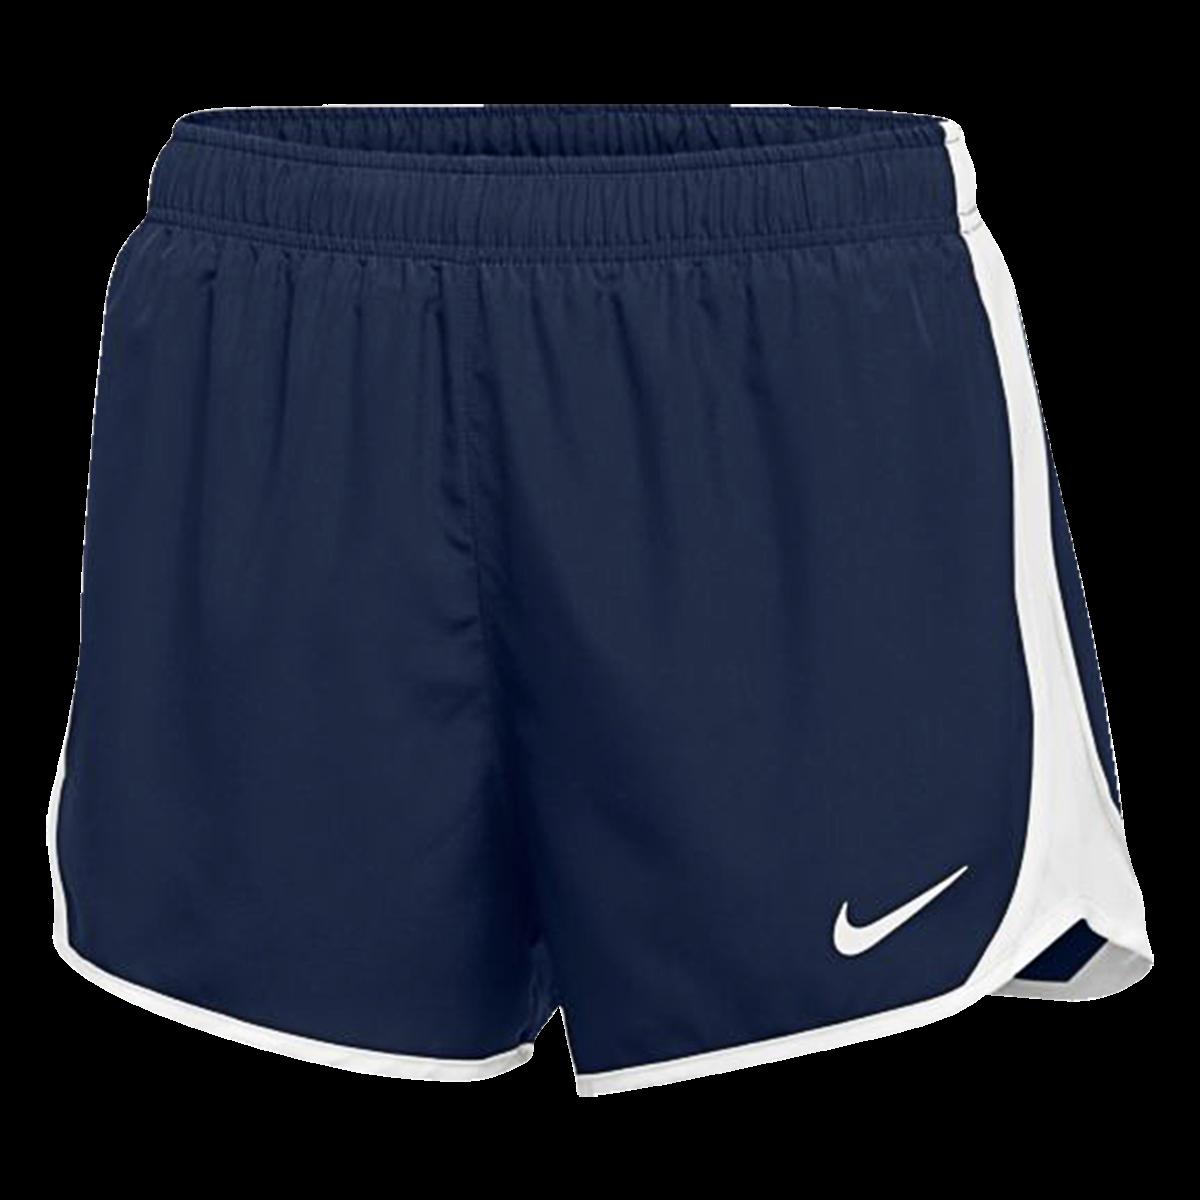 Nike Women S Dry Tempo Short Navy White S In 2020 Running Shorts Women Nike Running Shorts Running Shorts